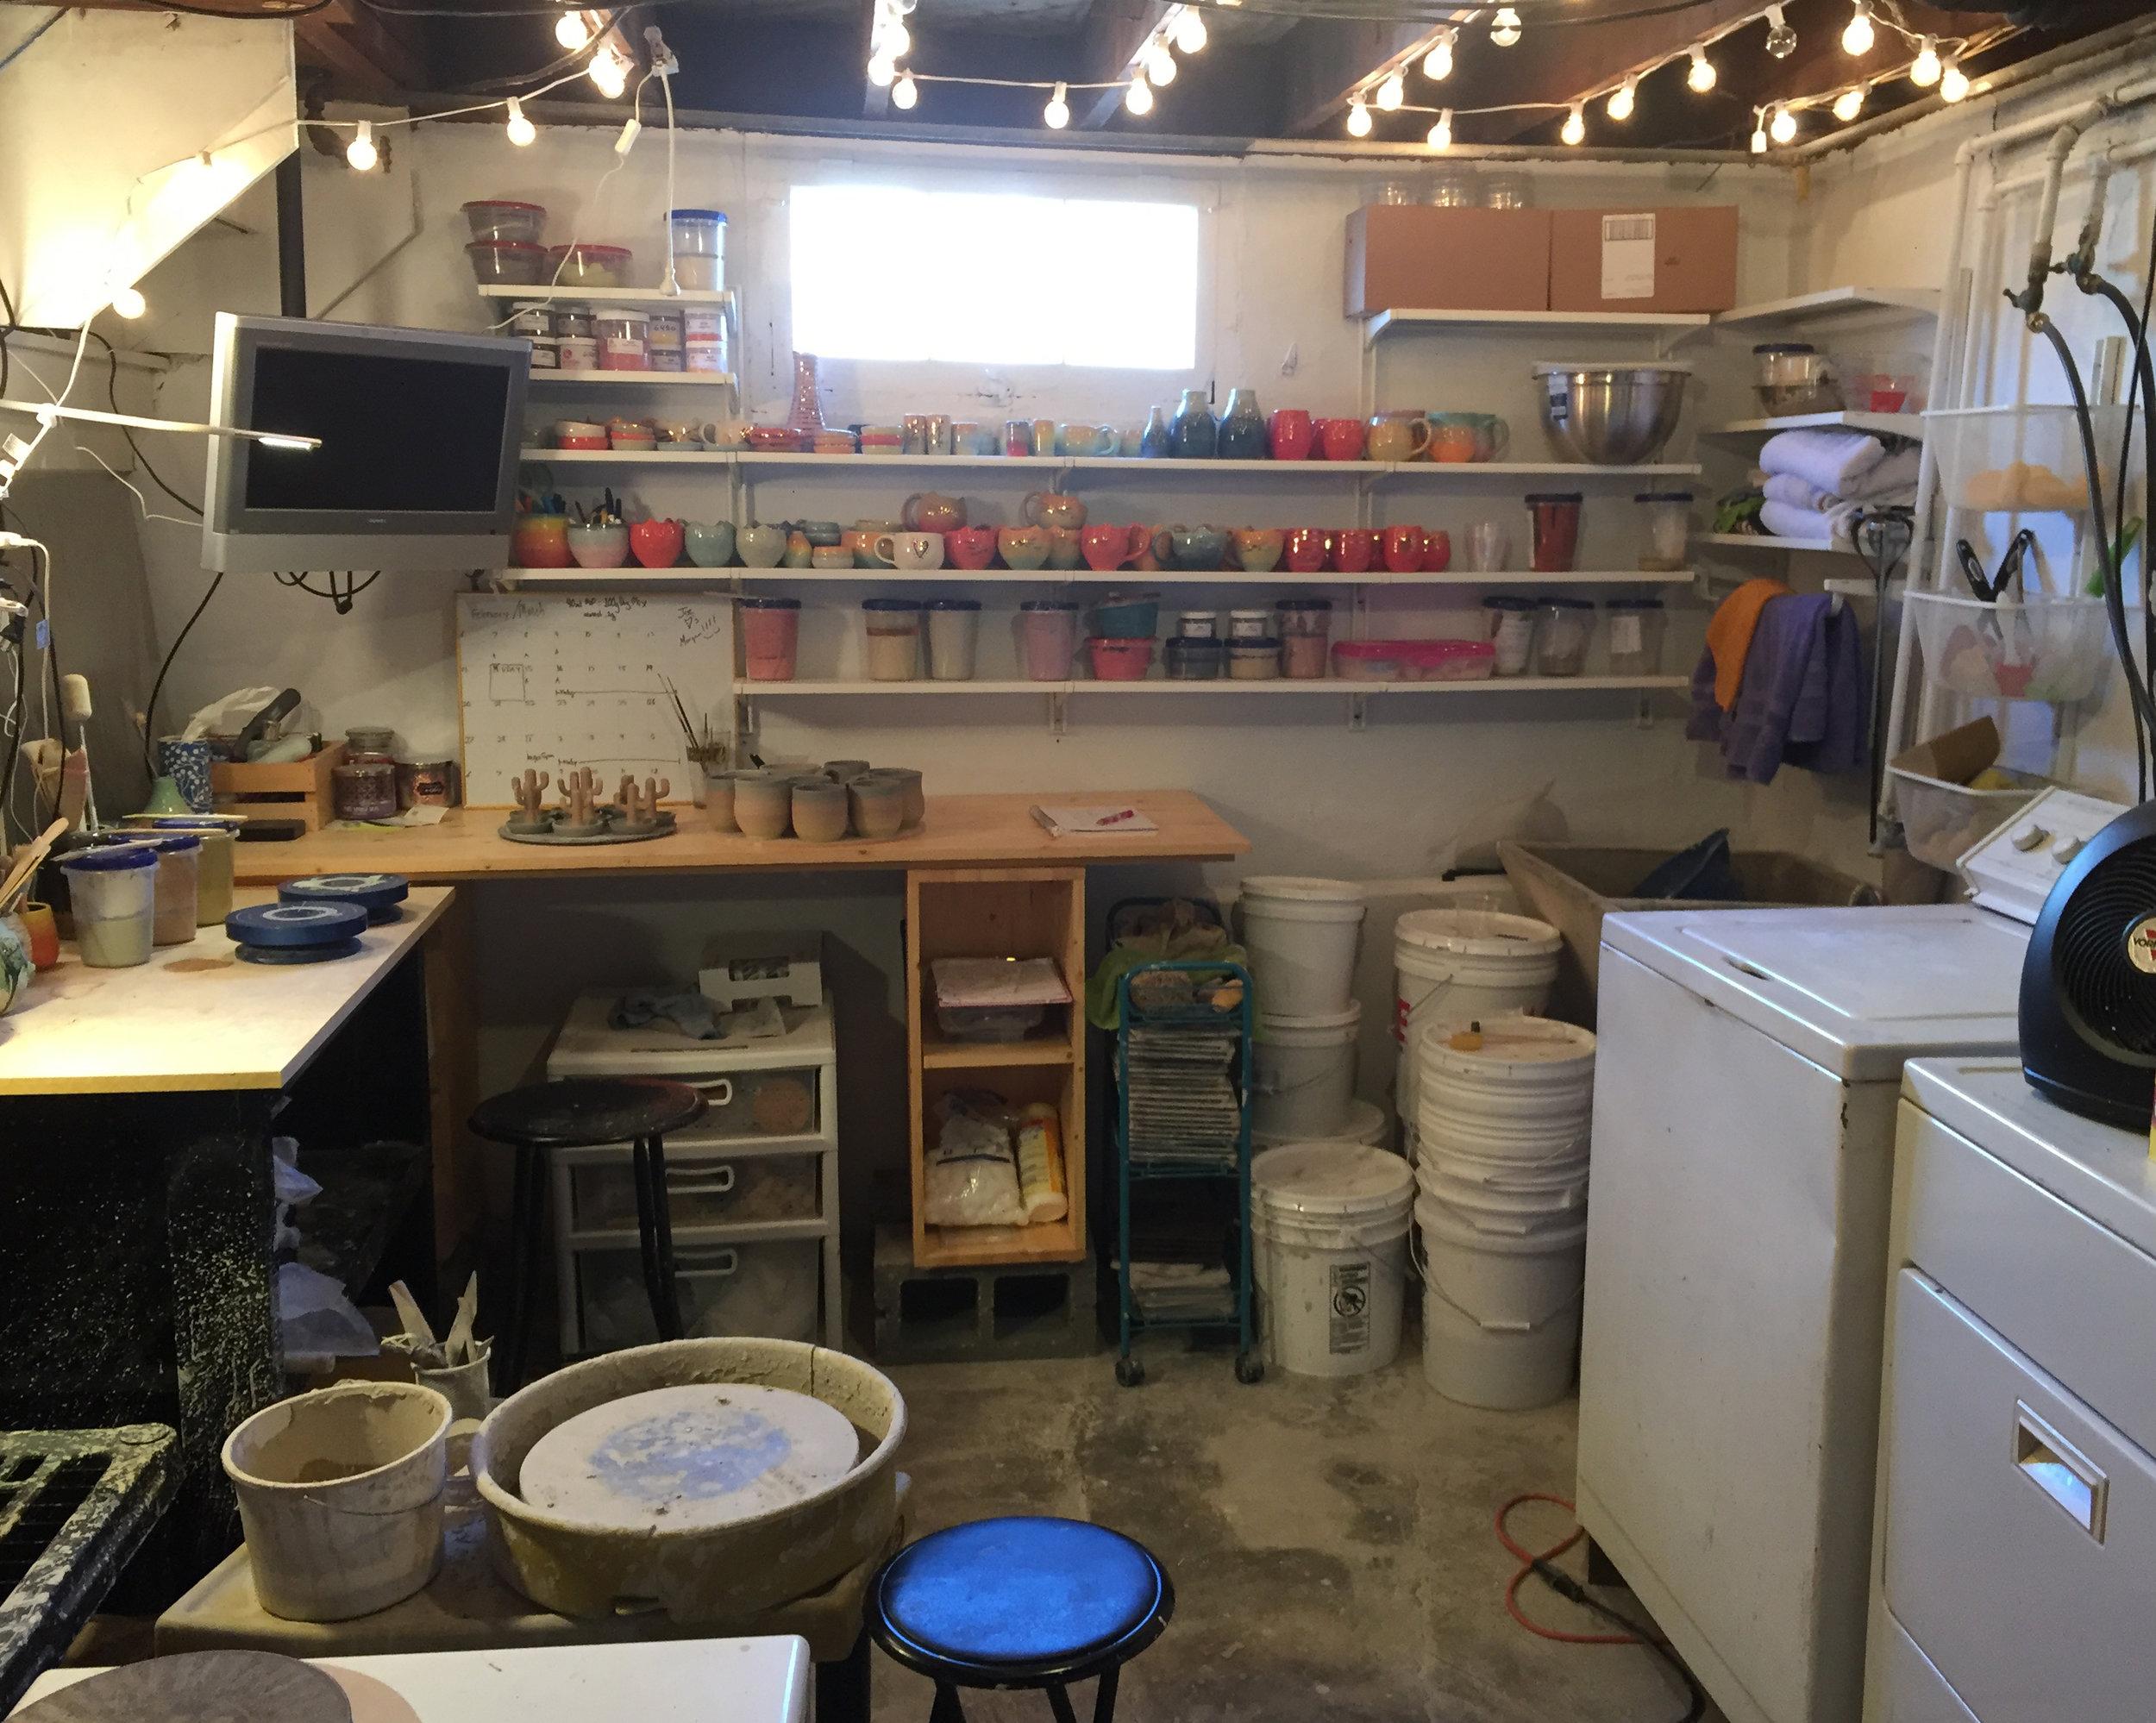 I made that creepy basement my studio!